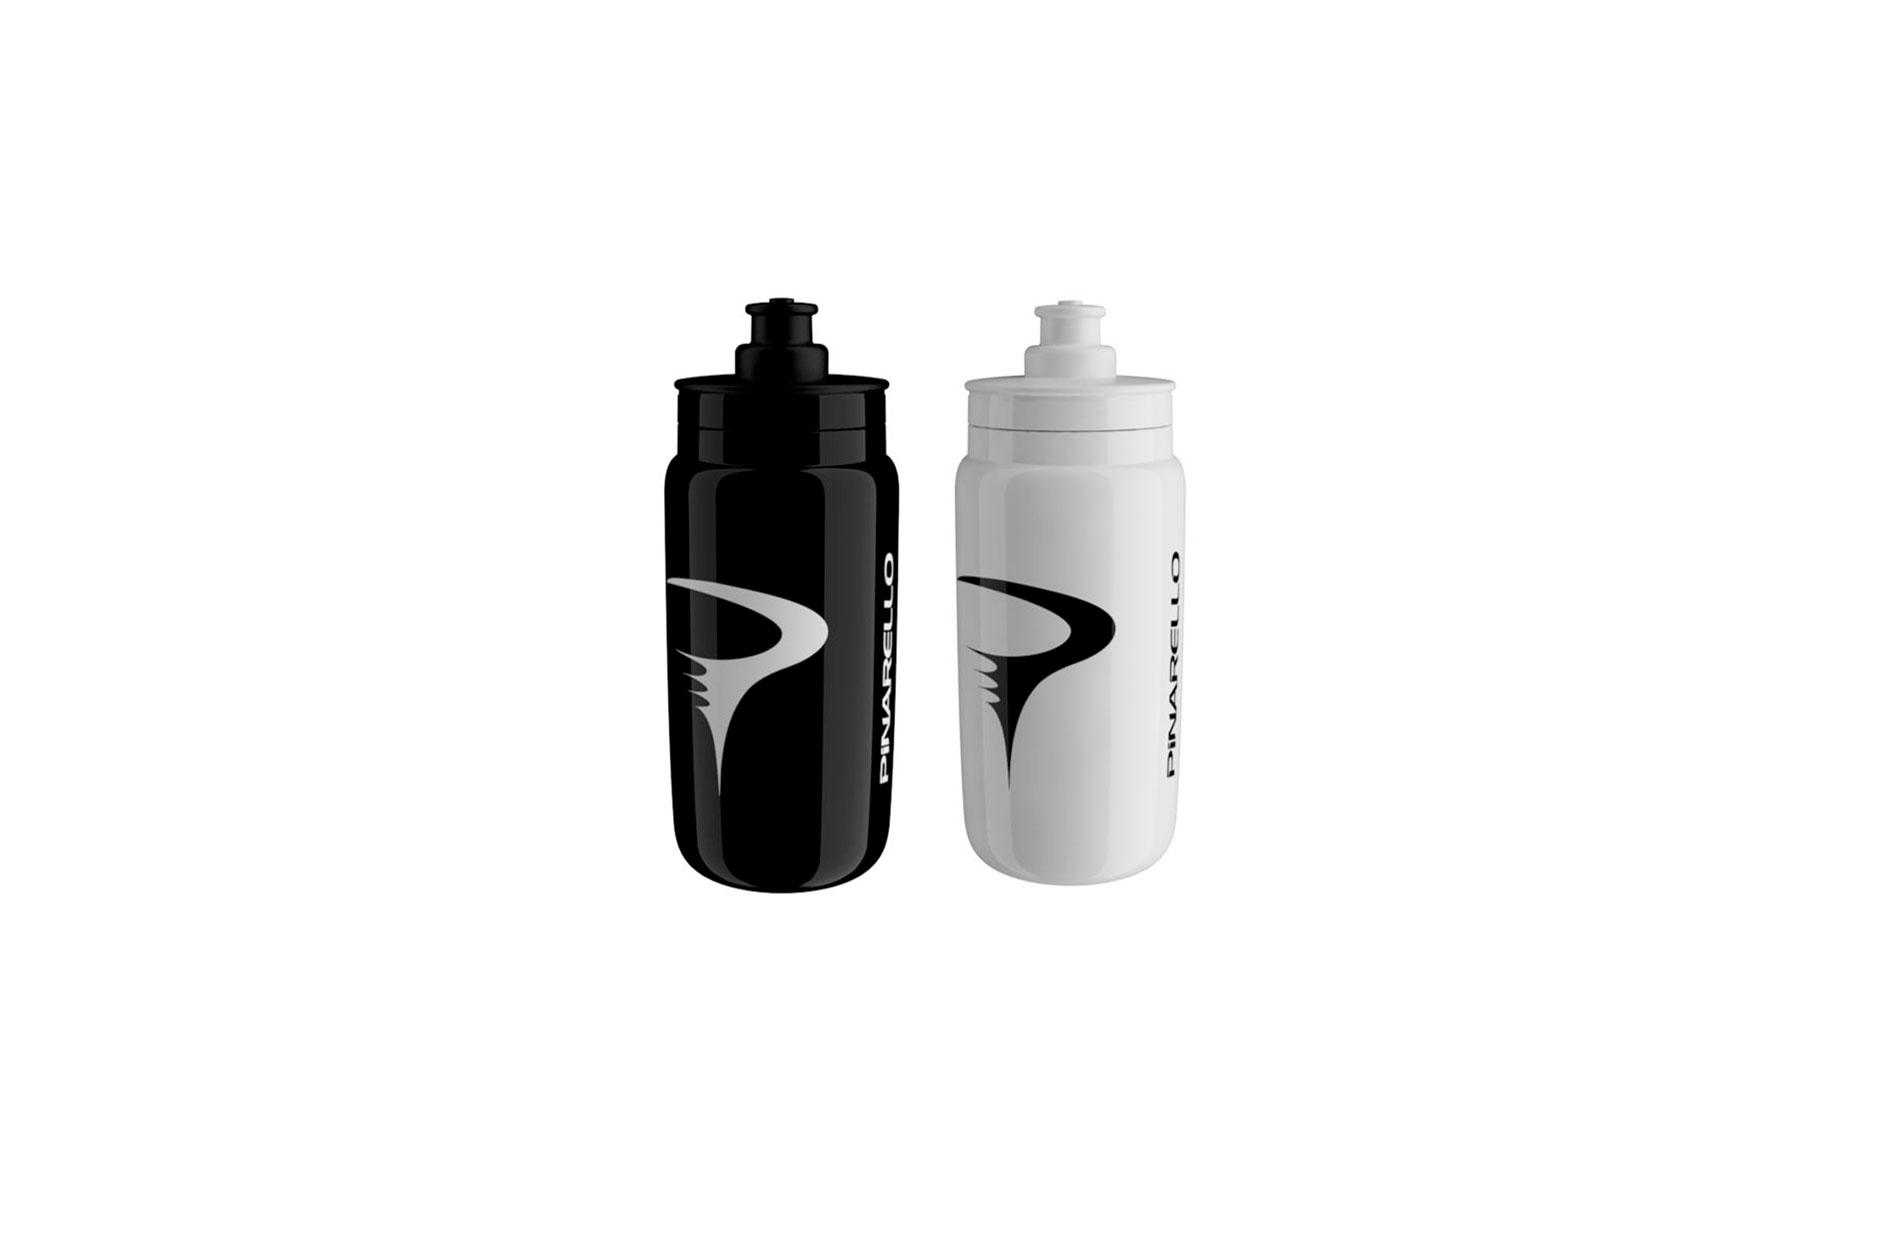 Pinarello-FLY-Bottles